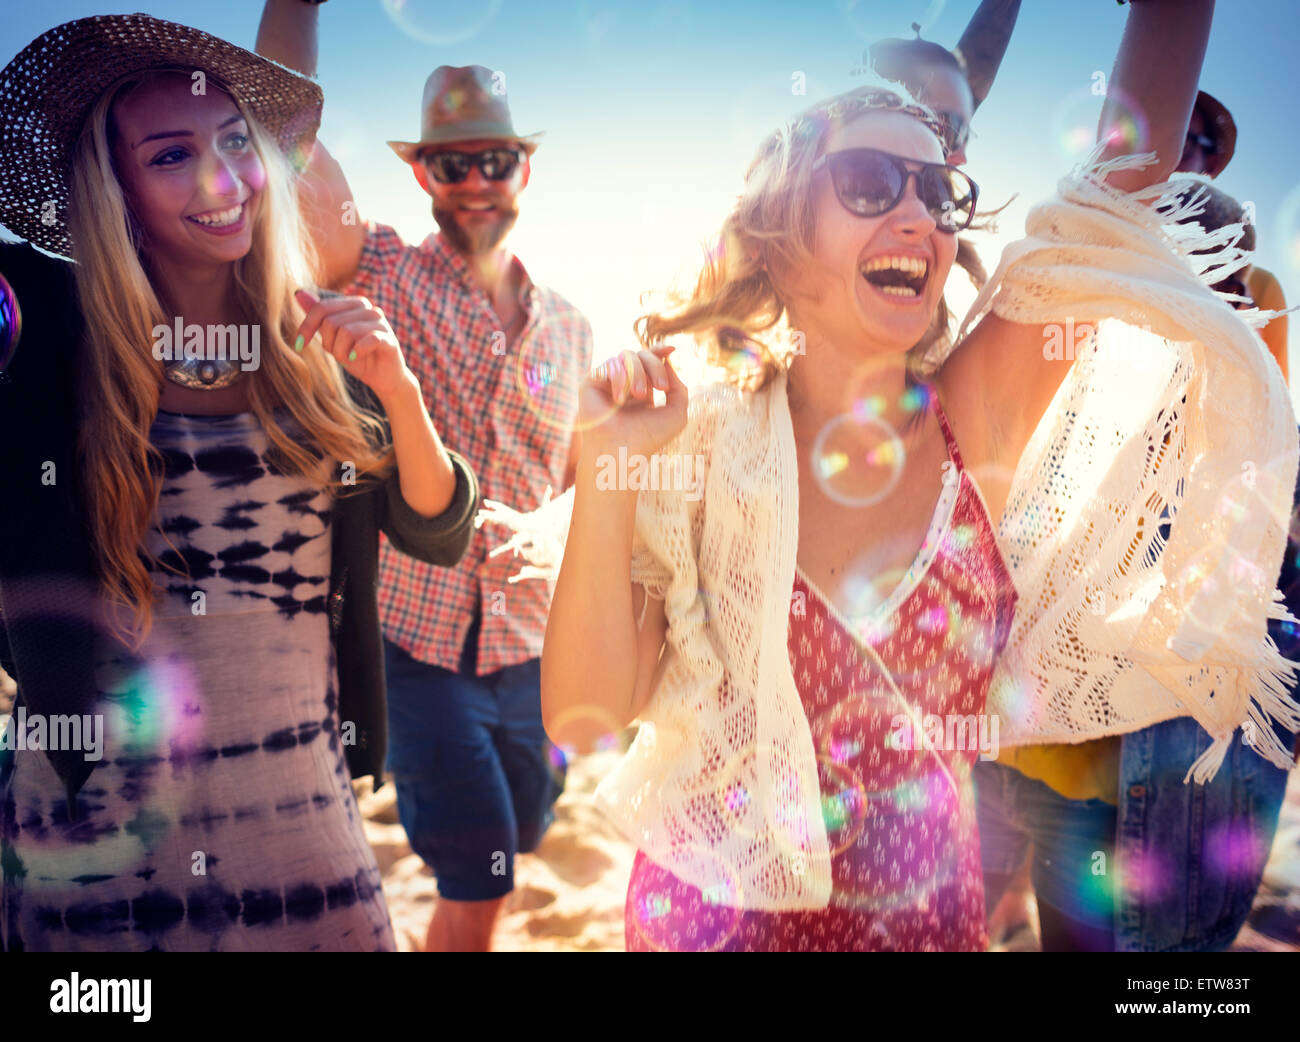 Los adolescentes amigos Beach Party concepto felicidad Imagen De Stock